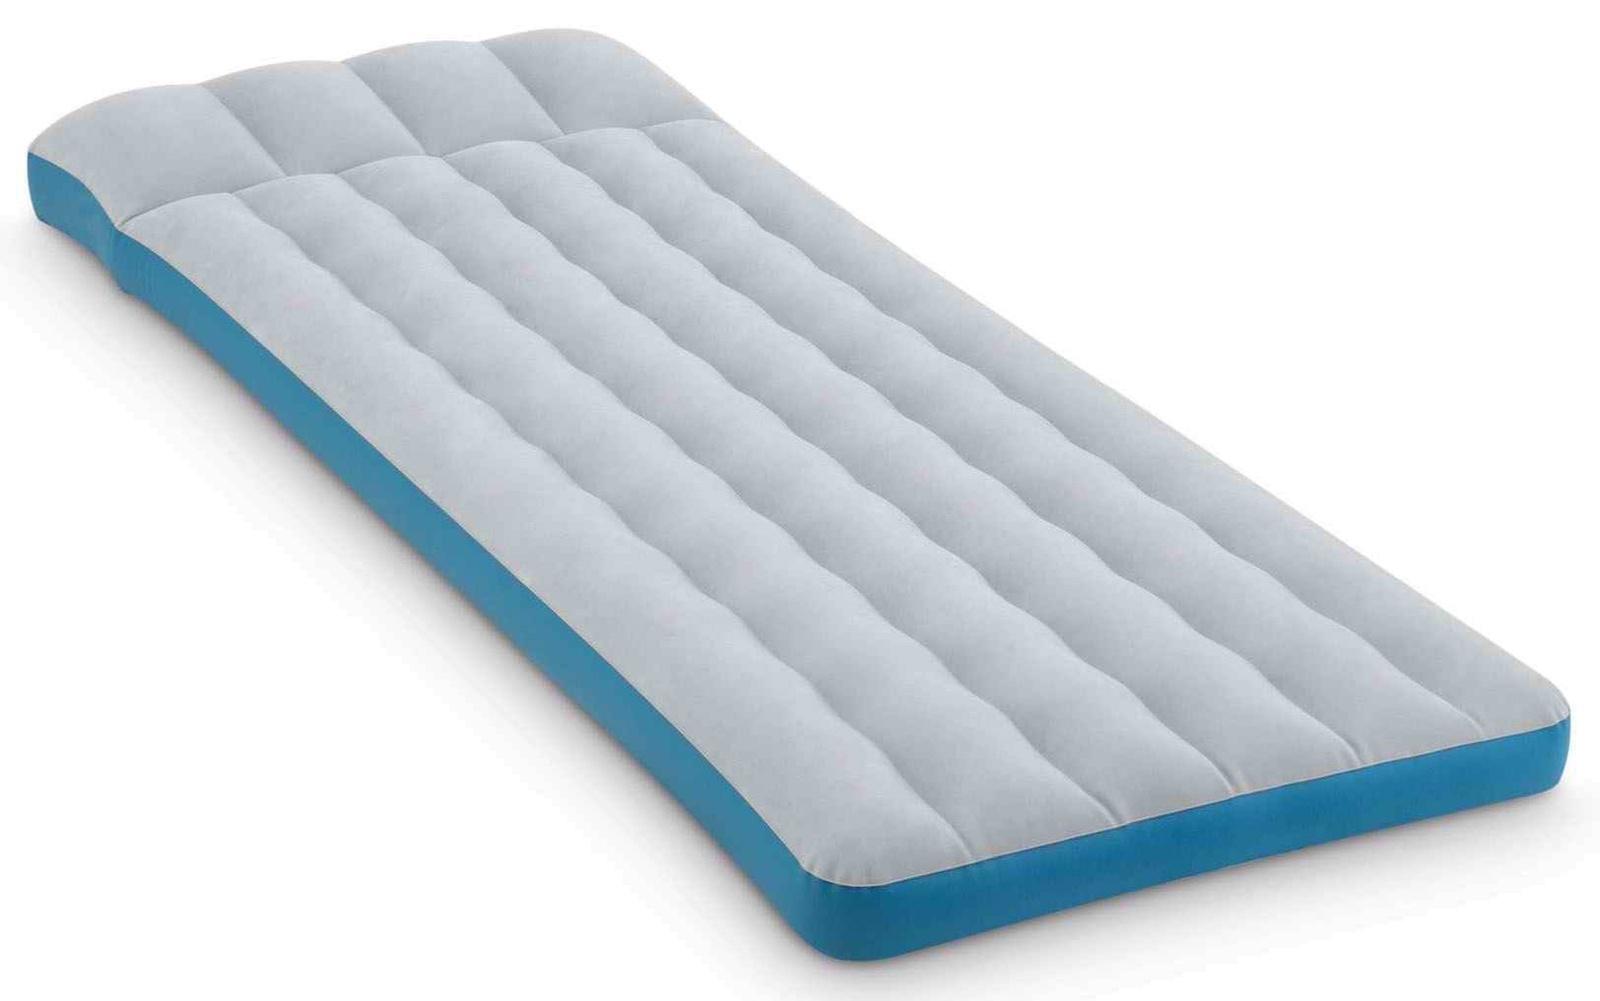 Матрас надувной INTEX CAMPING MAT, 67998, серый, синий